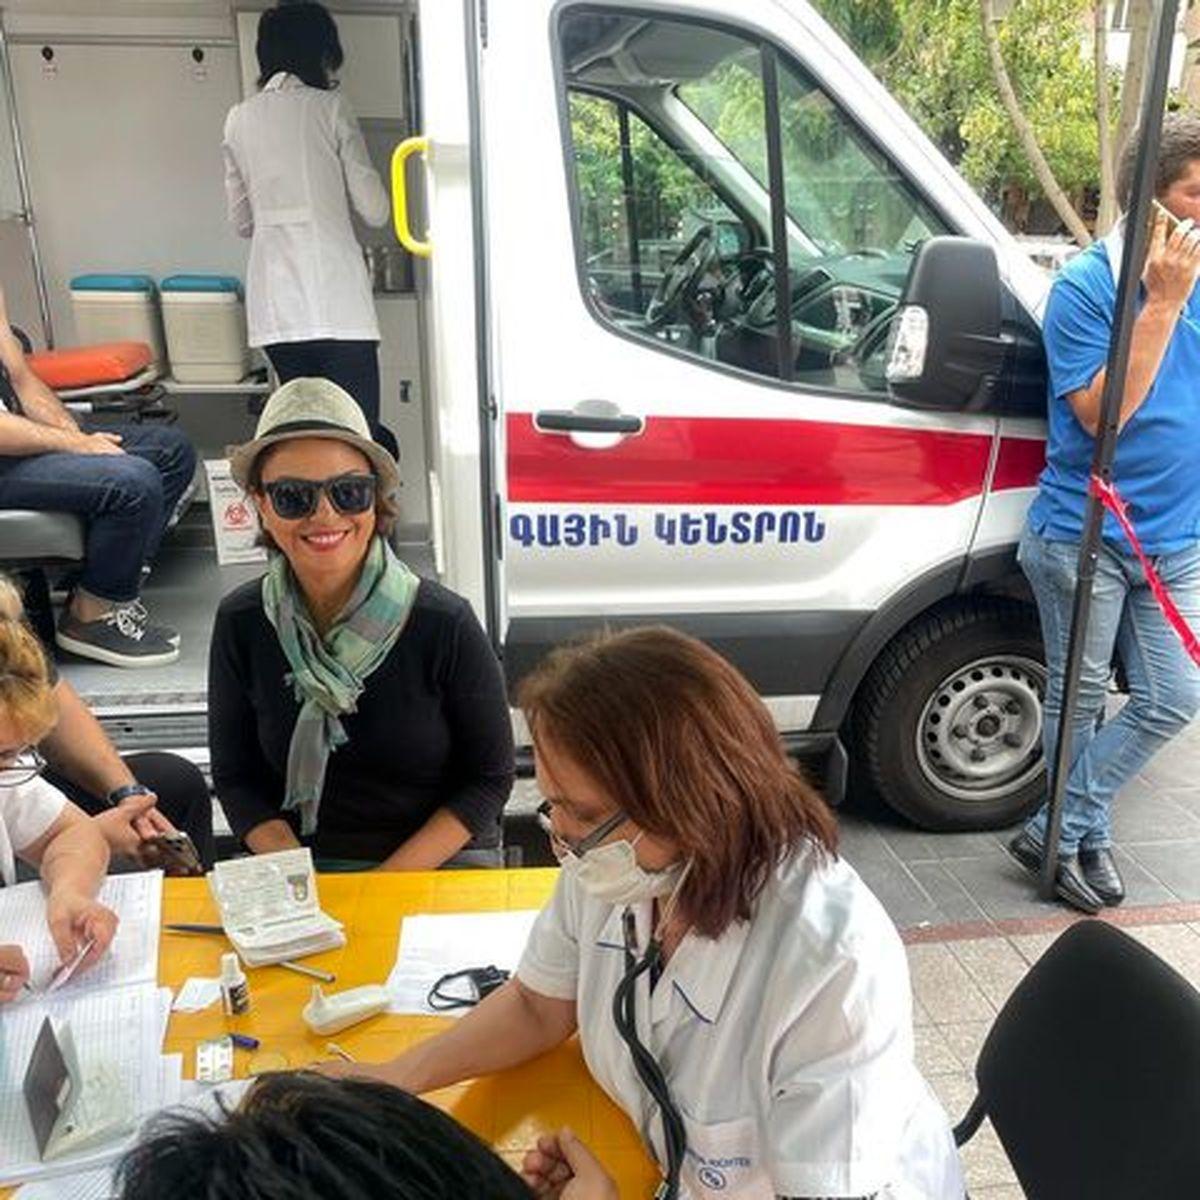 عکس جنجالی خانم بازیگر در ارمنستان درحال تزرق واکسن